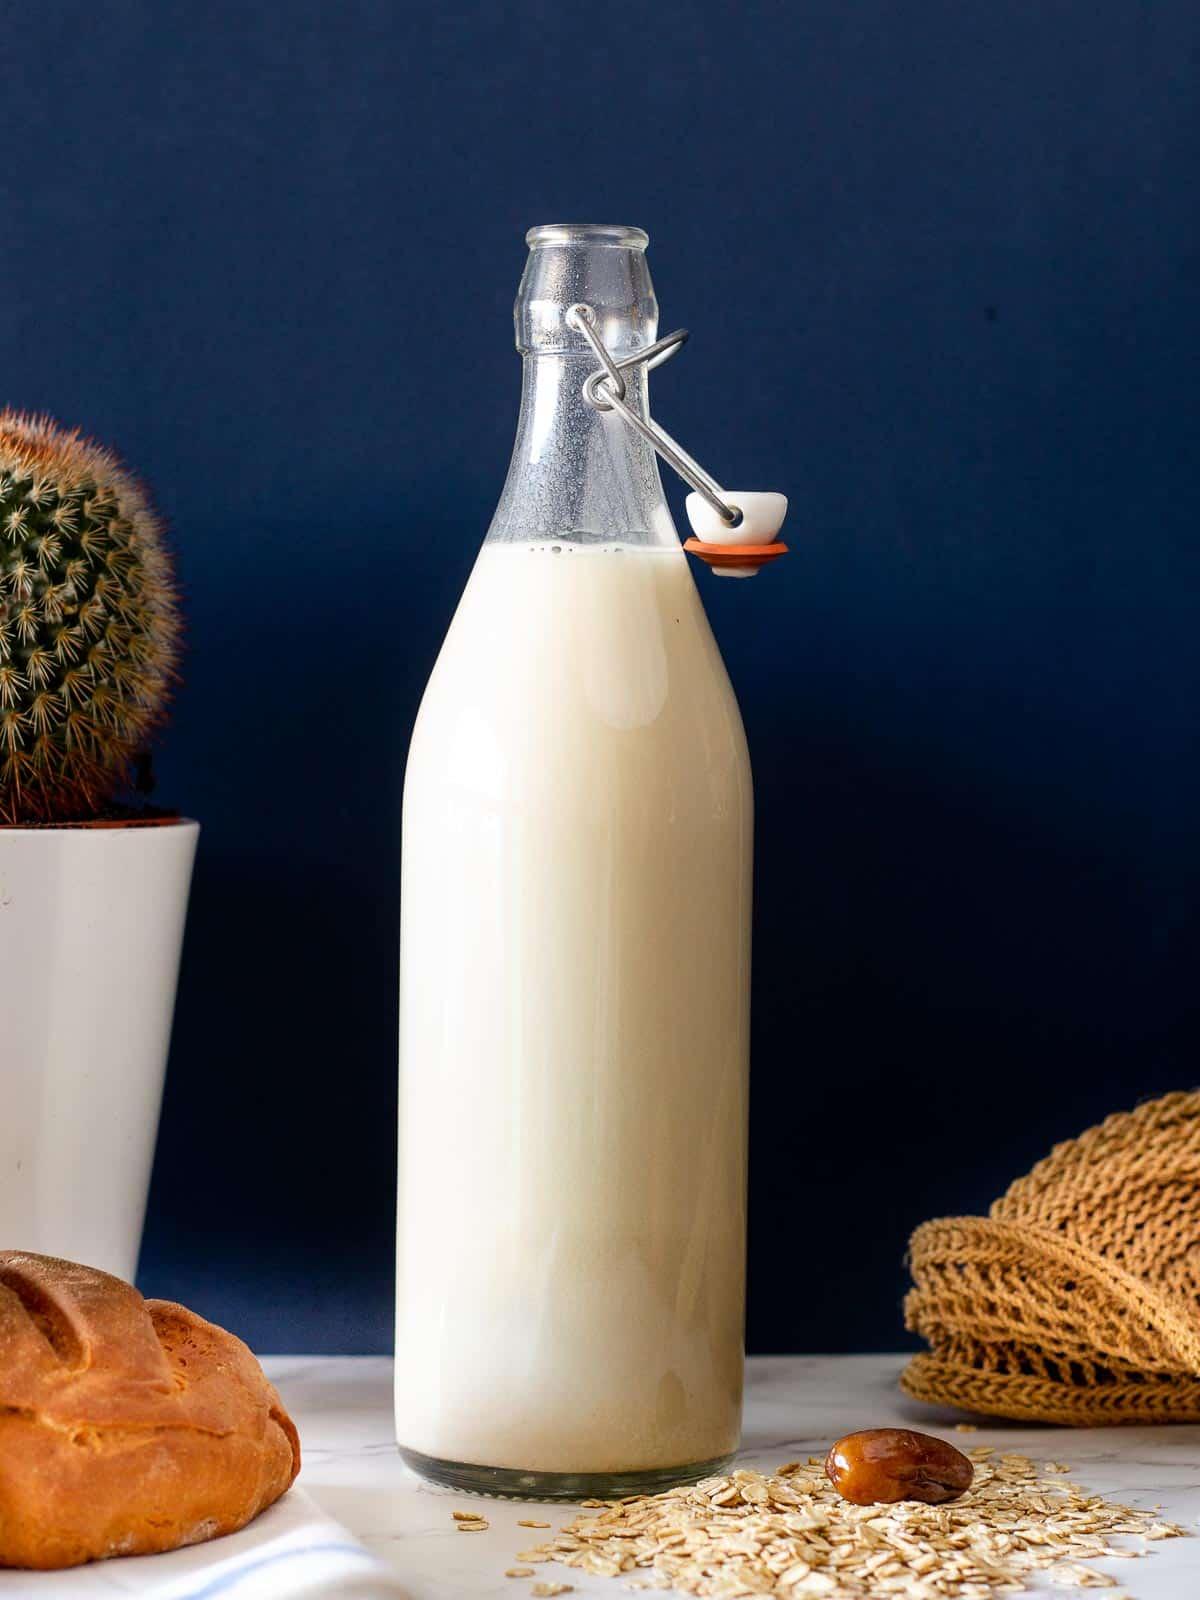 oat milk in bottle